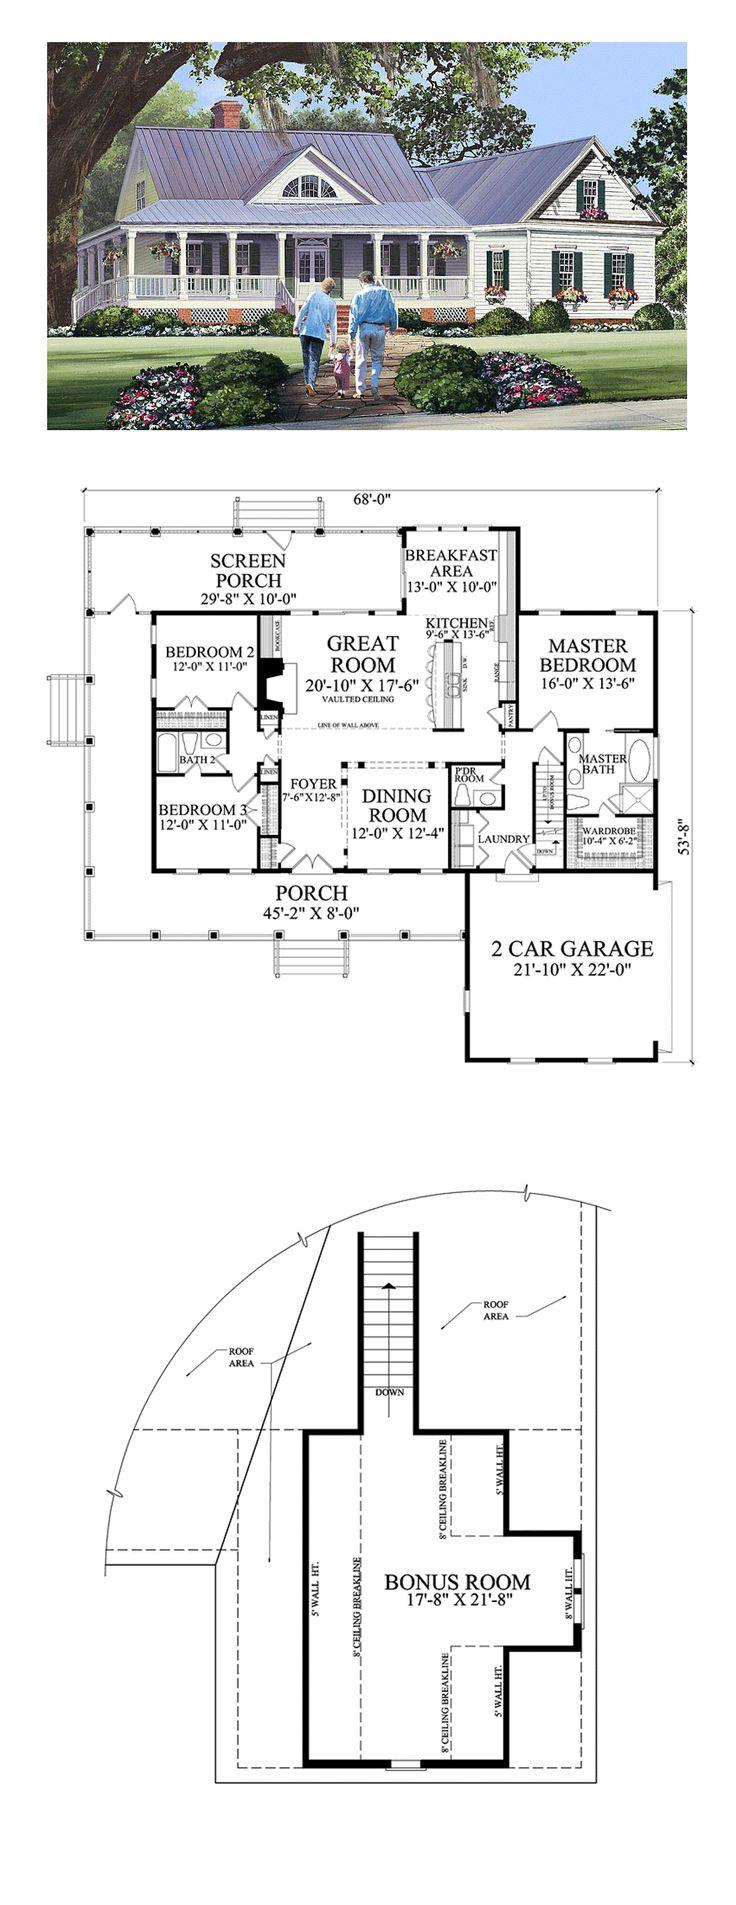 Prime Top 25 Ideas About Farmhouse House Plans On Pinterest Farmhouse Largest Home Design Picture Inspirations Pitcheantrous